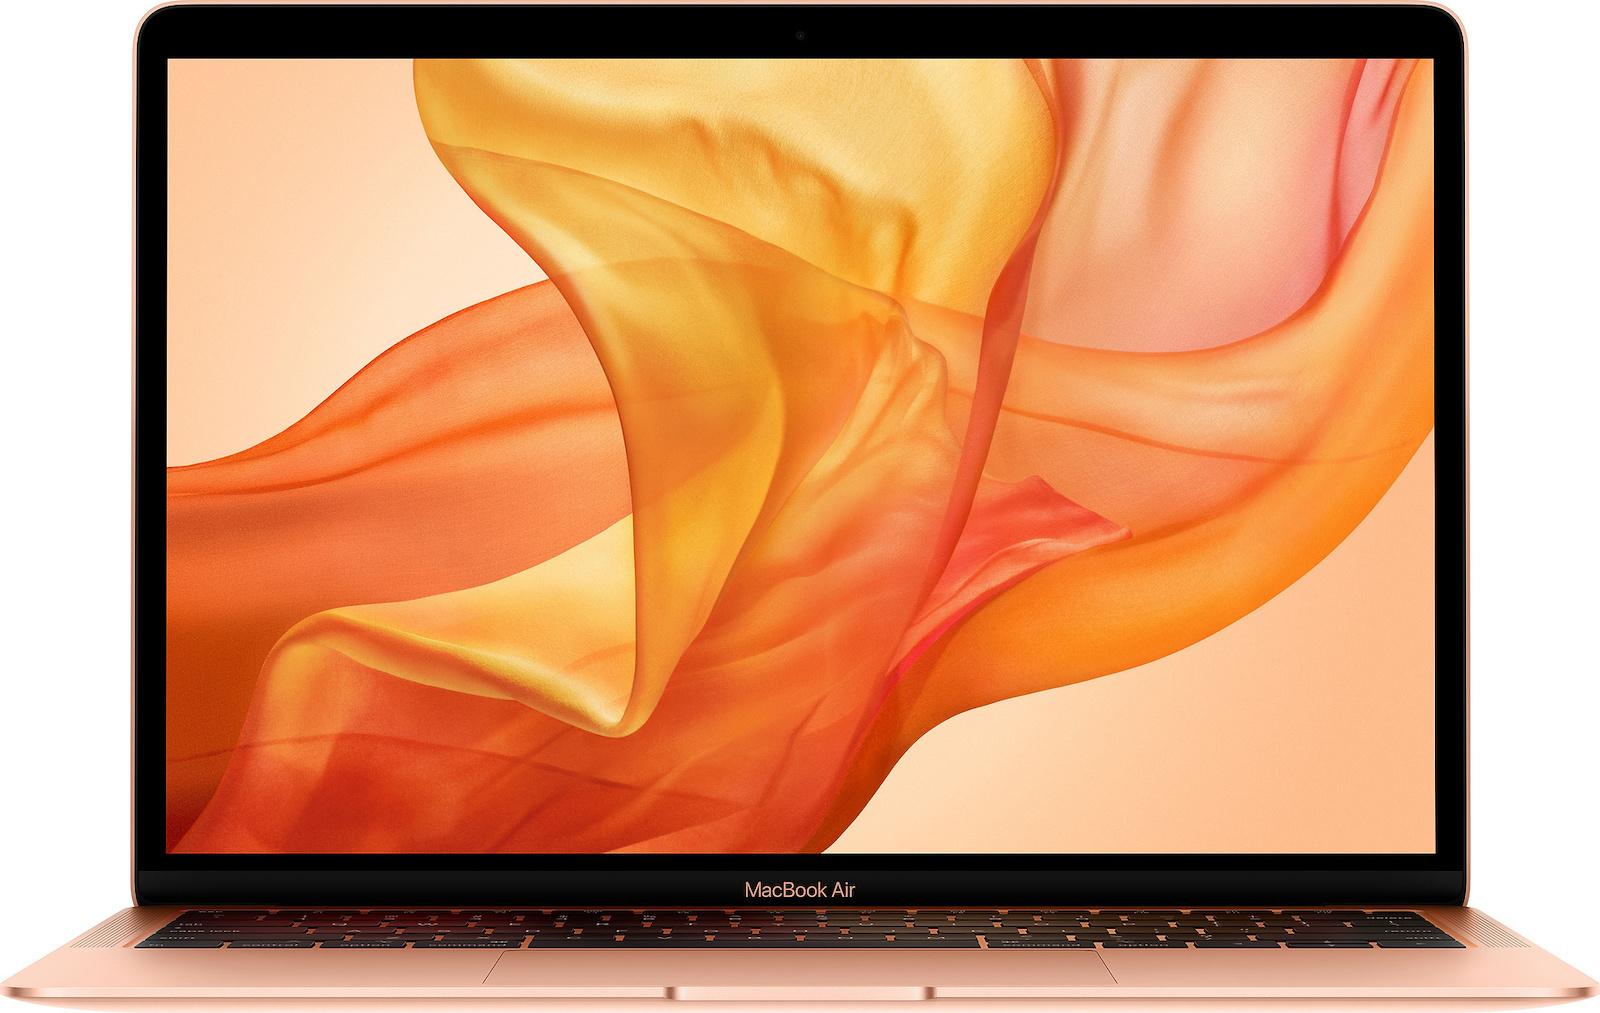 Apple MacBook Air MREE2 13.3'' 1.6GHz i5/8GB/128GB Retina 2018 Gold English Keyboard Με Αντάπτορα Πληρωμή έως 24 δόσεις